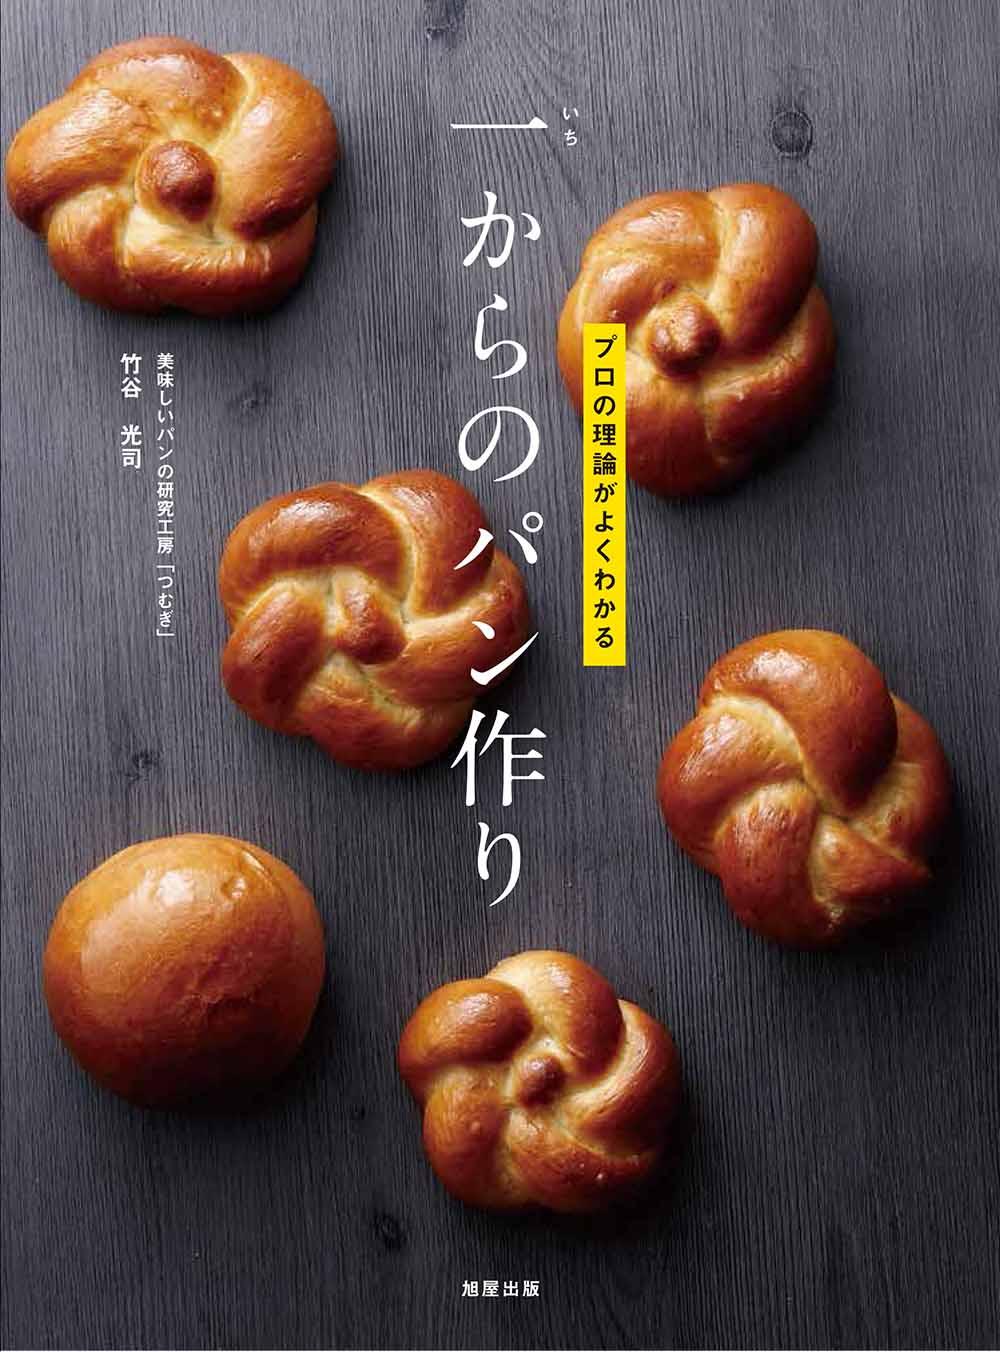 プロの理論がよくわかる 一からのパン作り